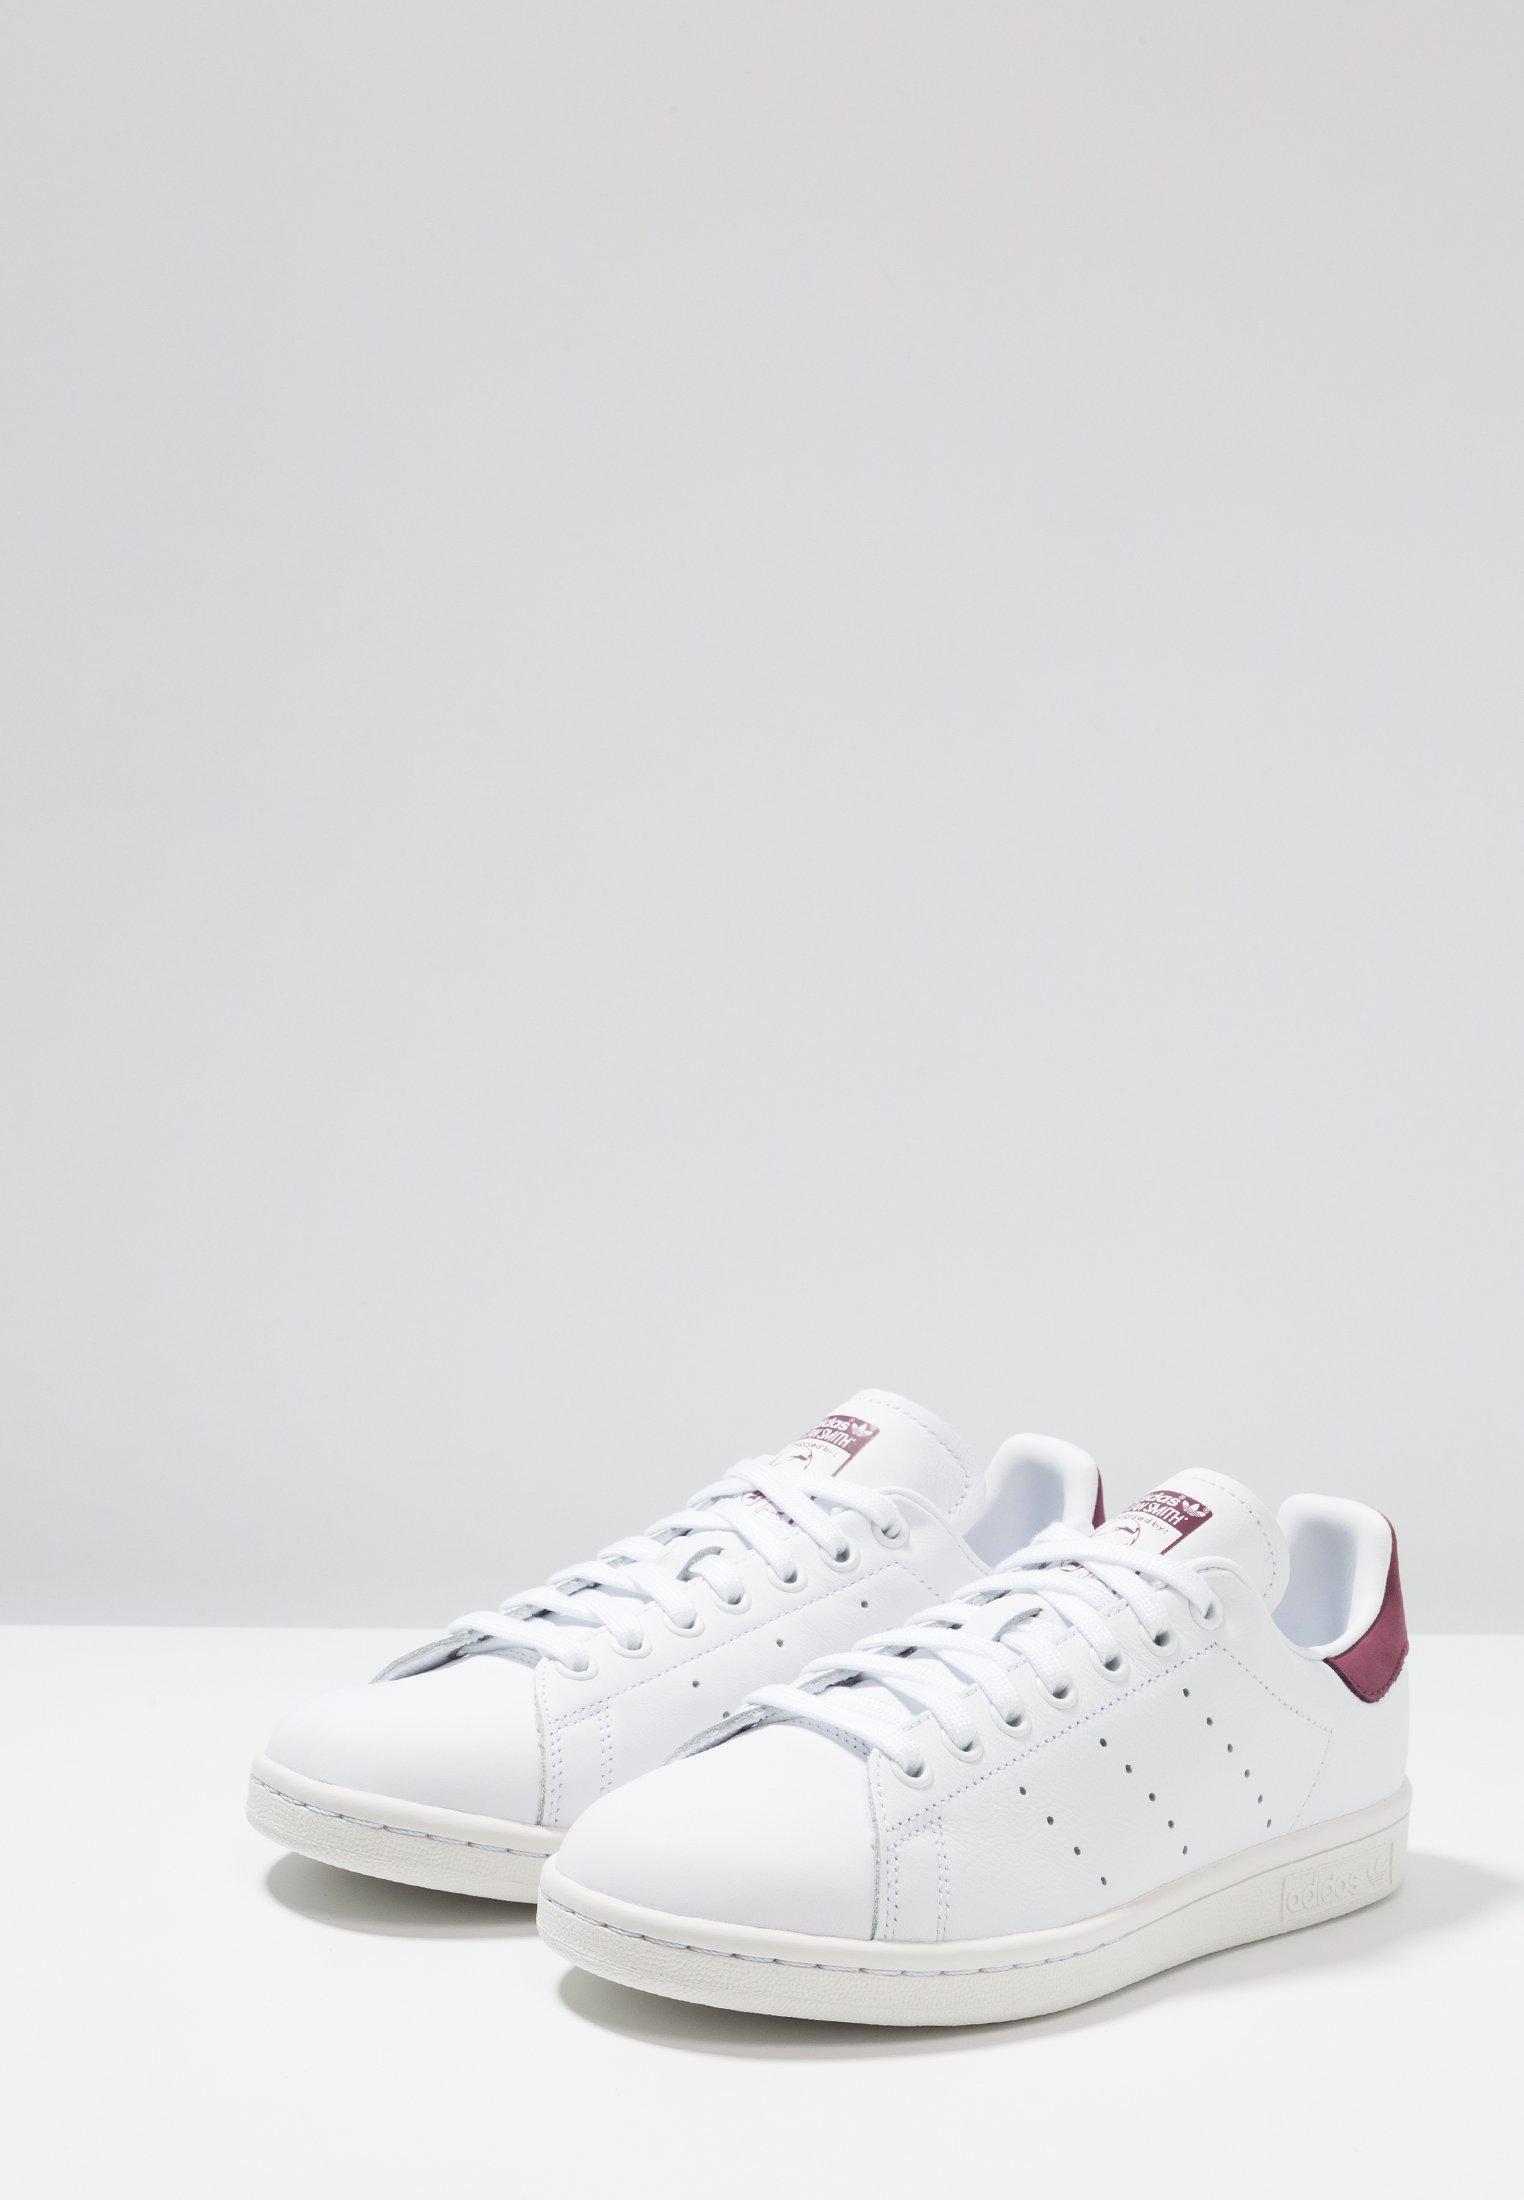 adidas footwear Originals basses SMITHBaskets STAN white maroon CsrdthQx